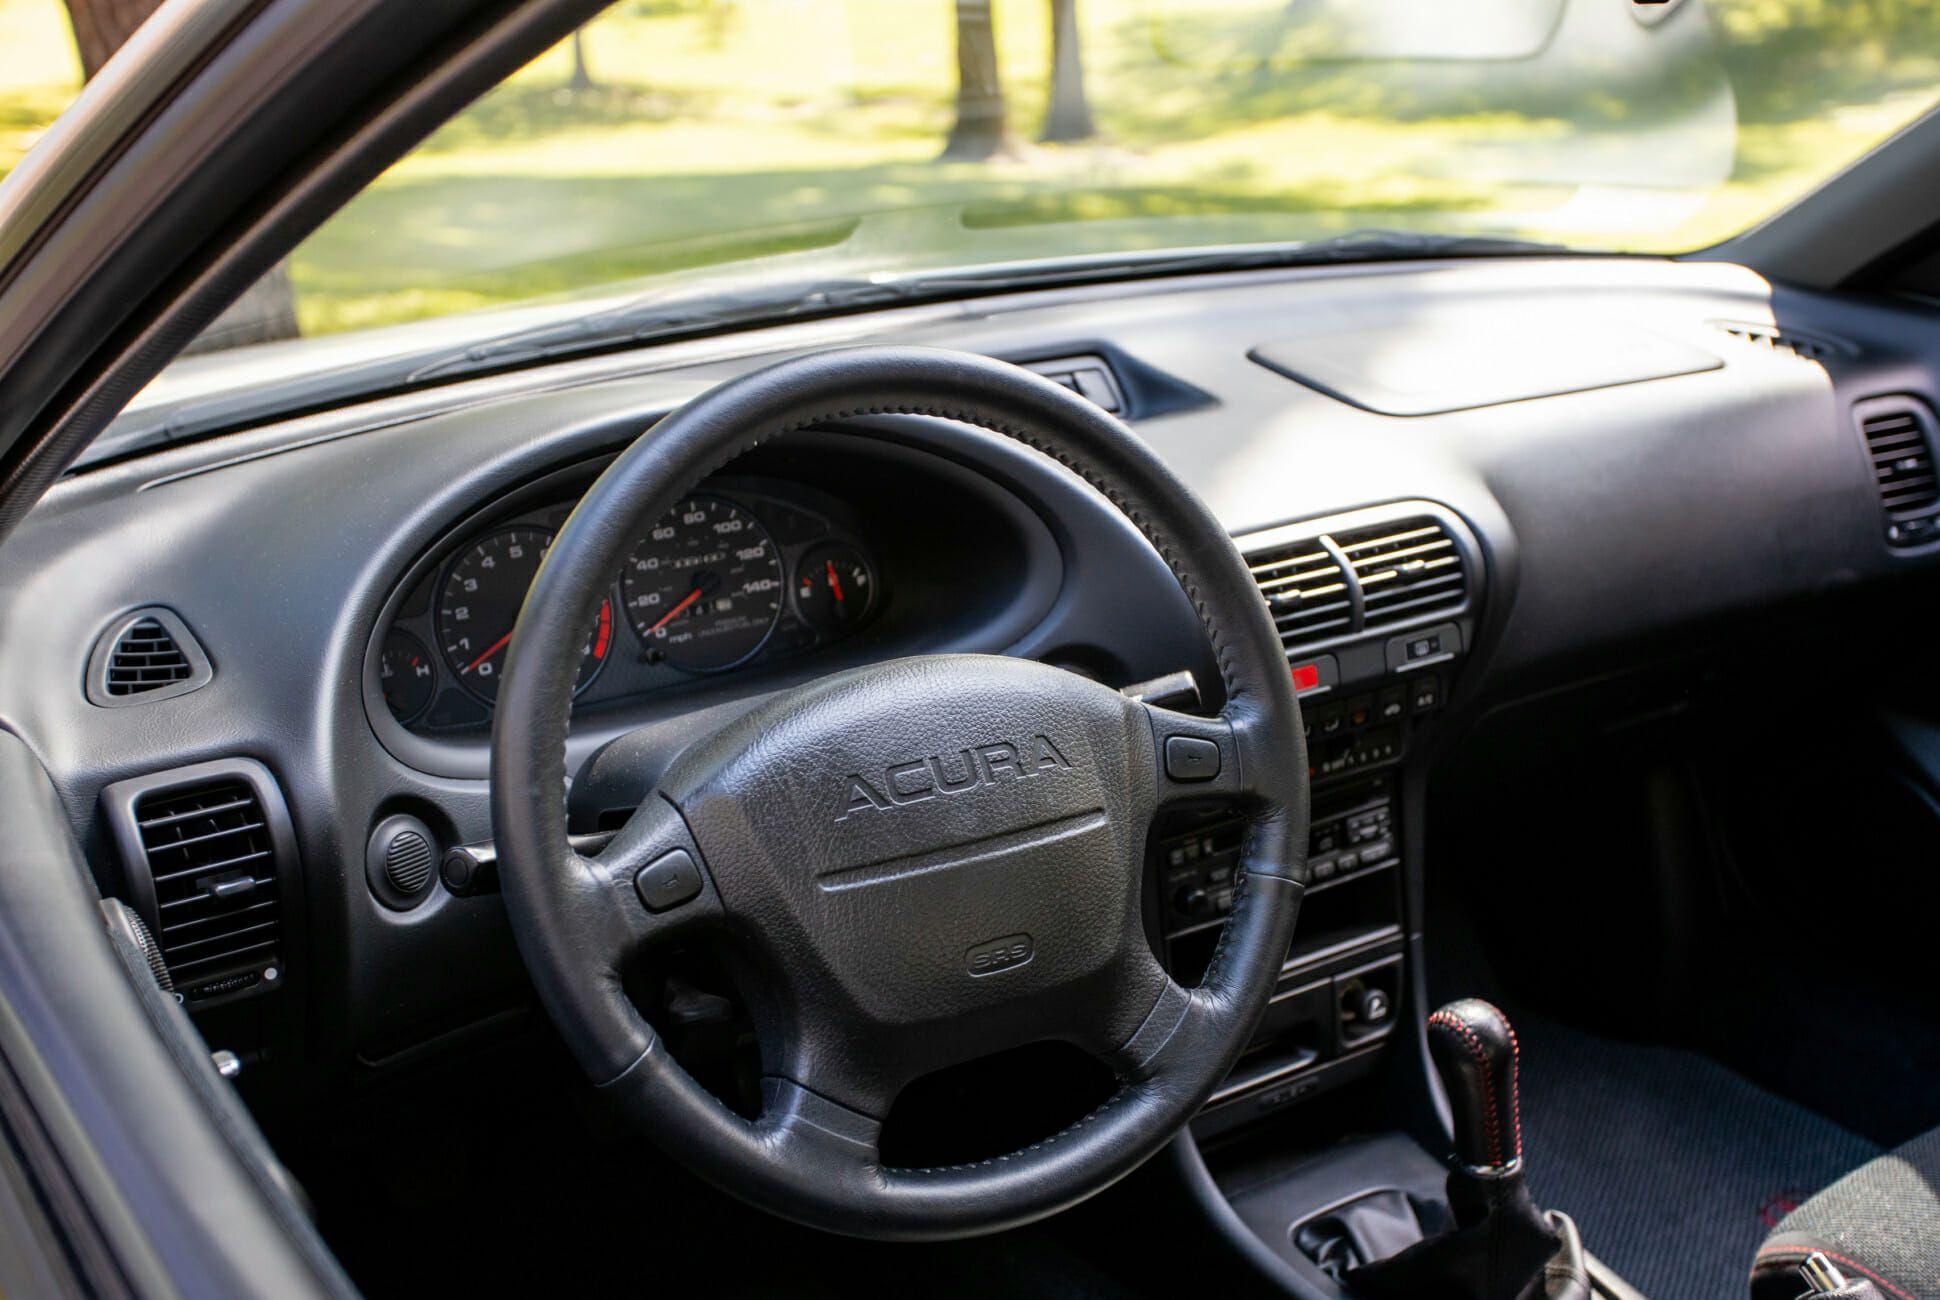 1997-Acura-Integra-gear-patrol-slide-04